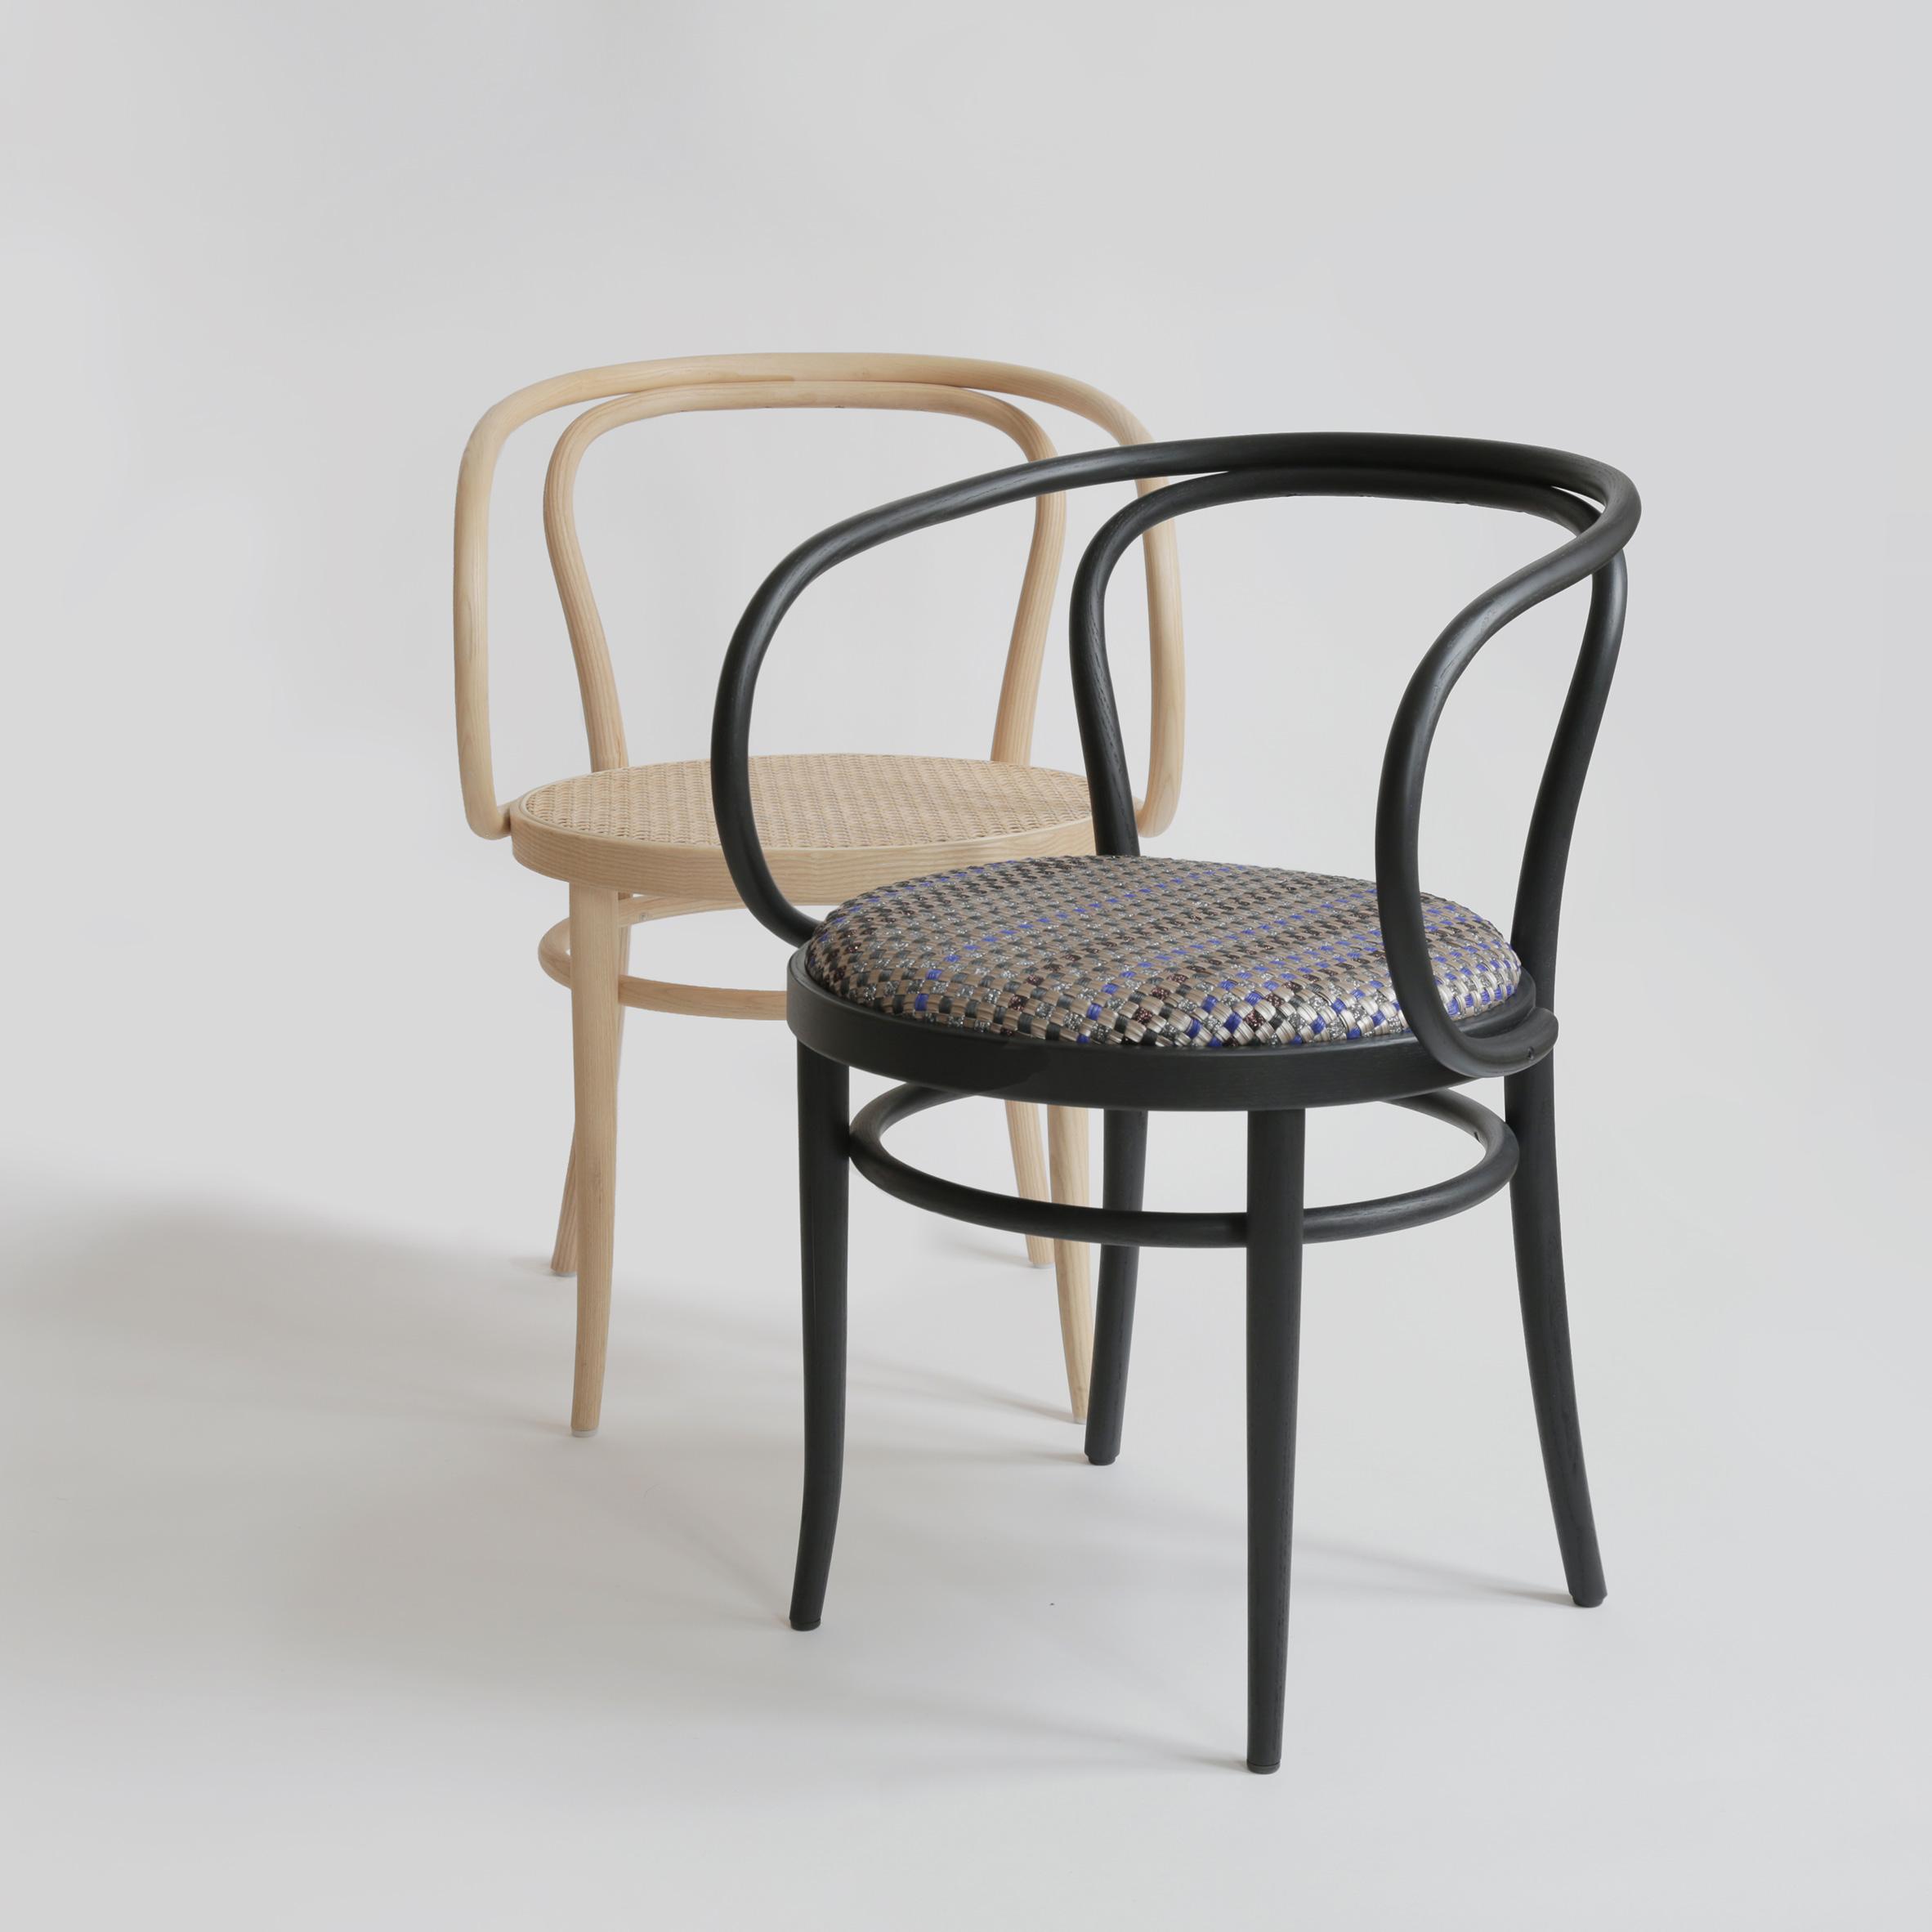 Thonet-Bolon-209-chair-experiment_dezeen_08.jpg